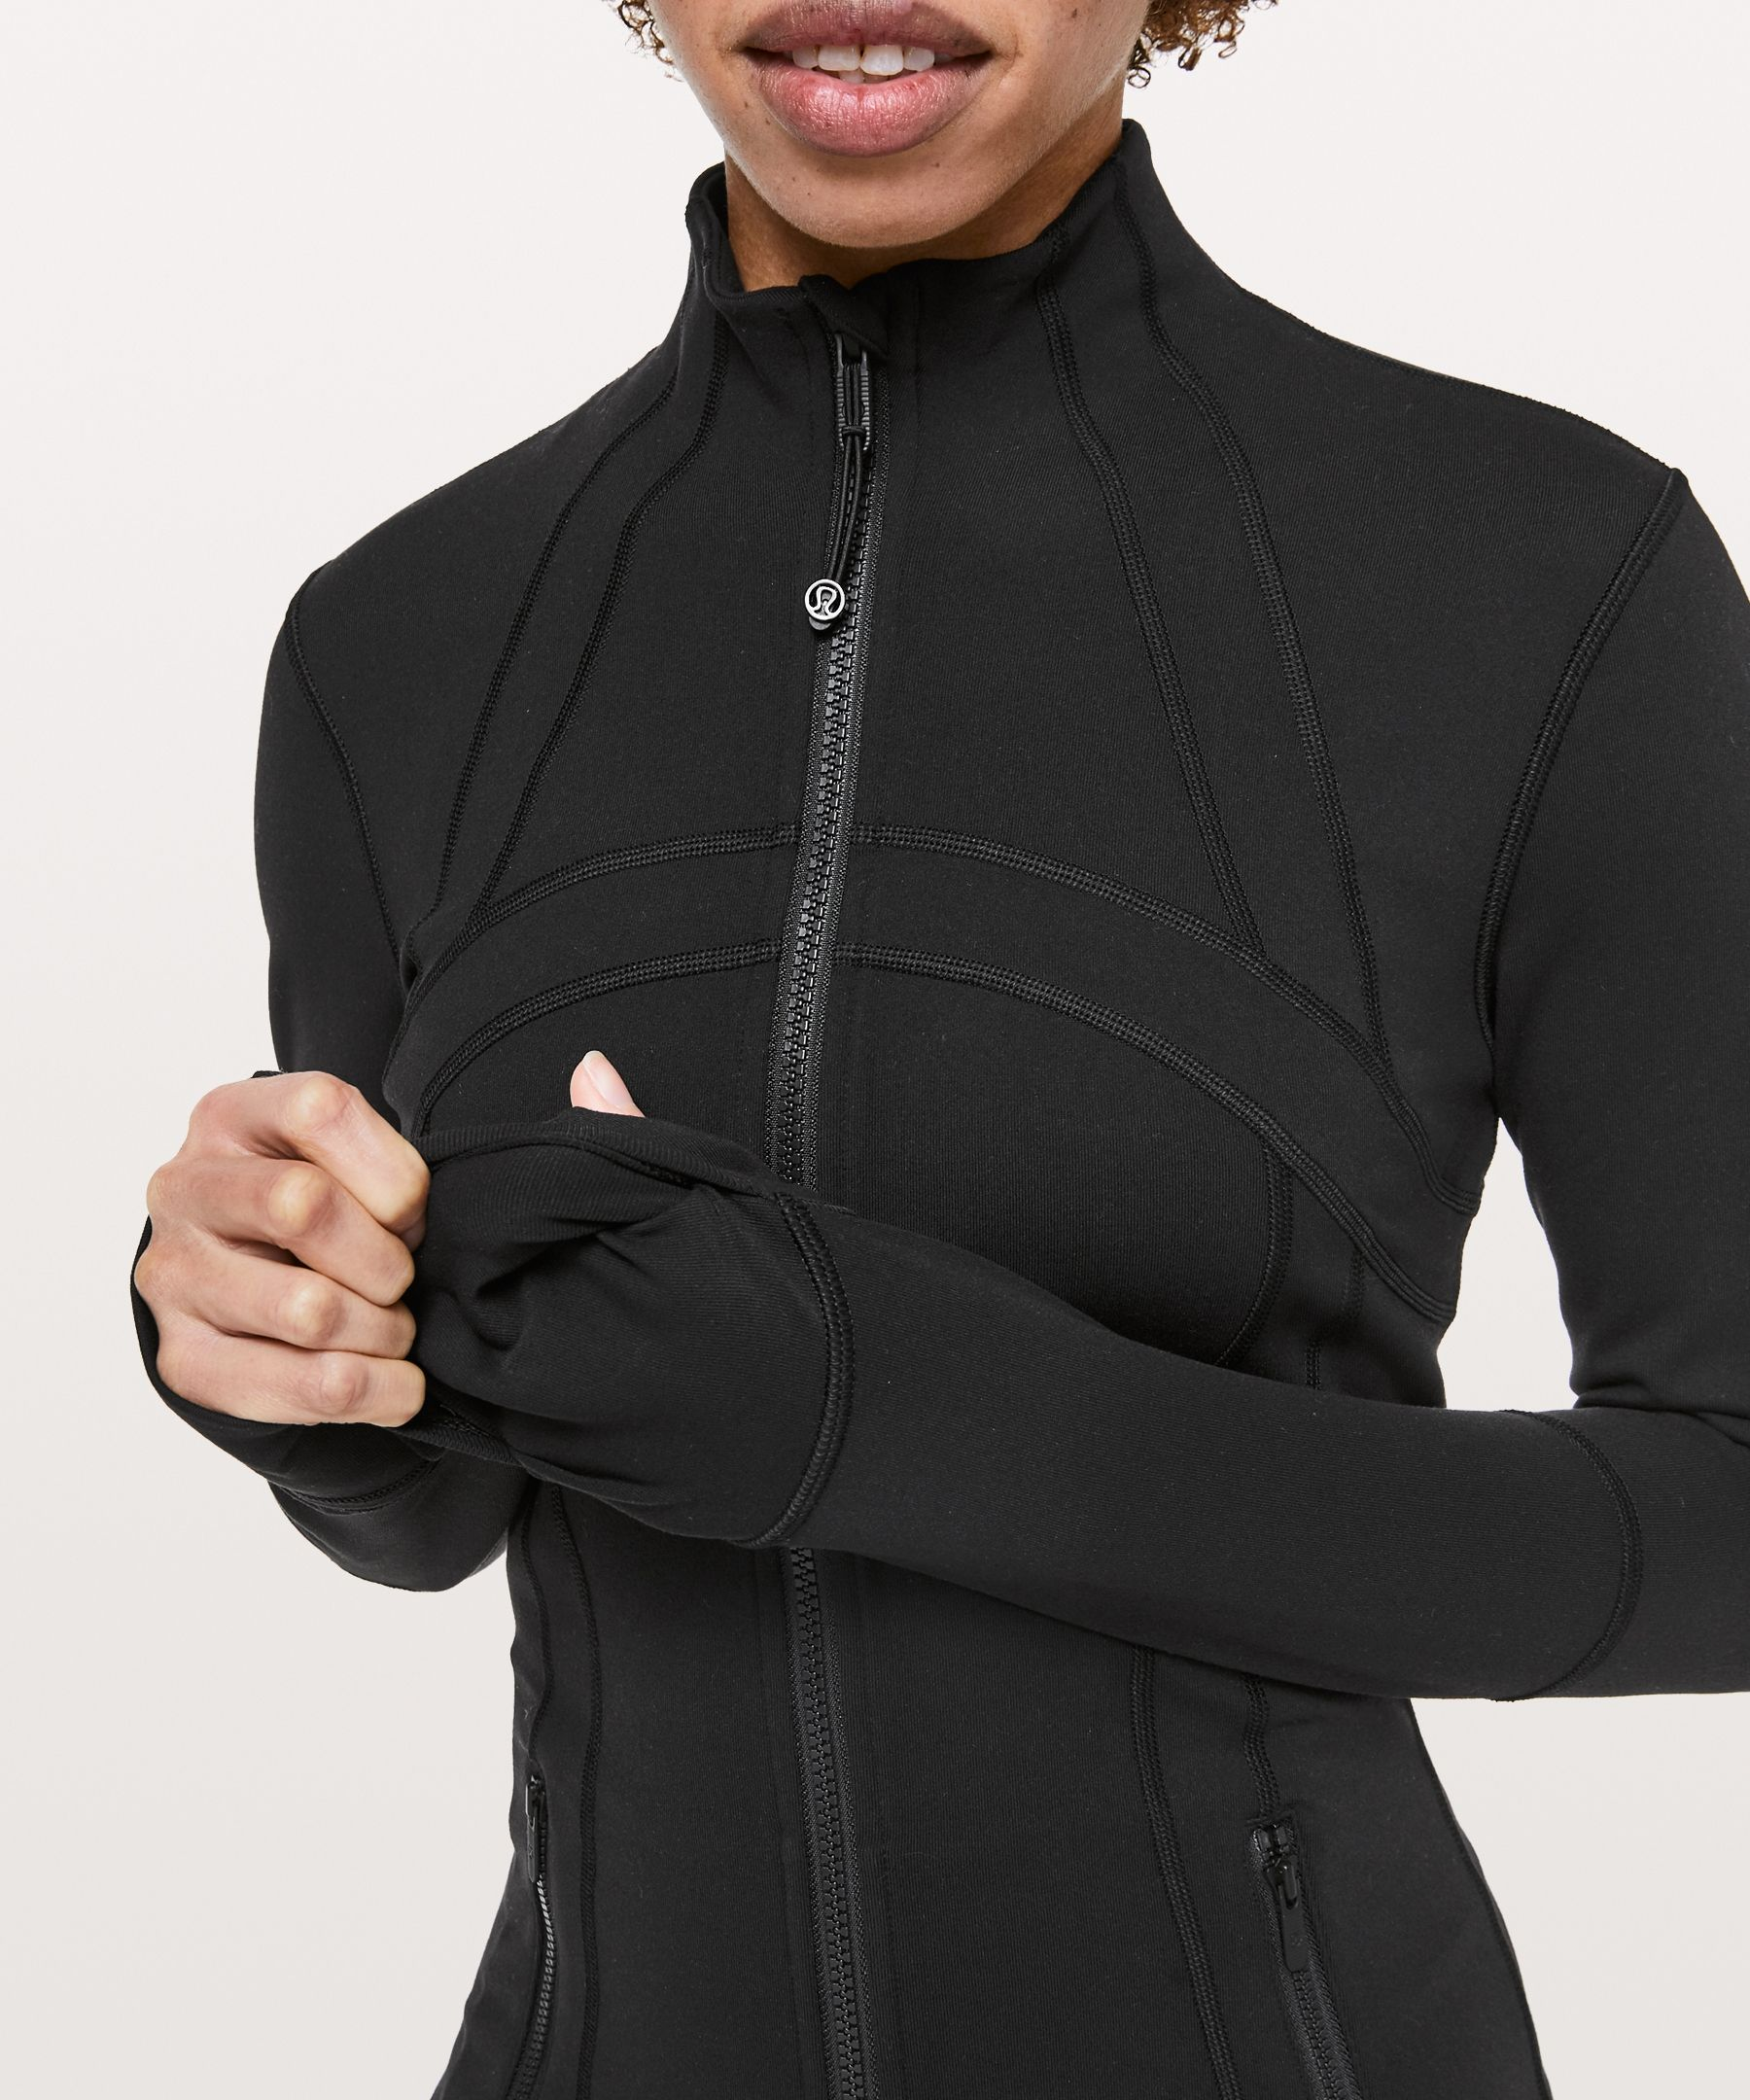 Define Jacket | Women's Jackets | Jackets for women, Jackets